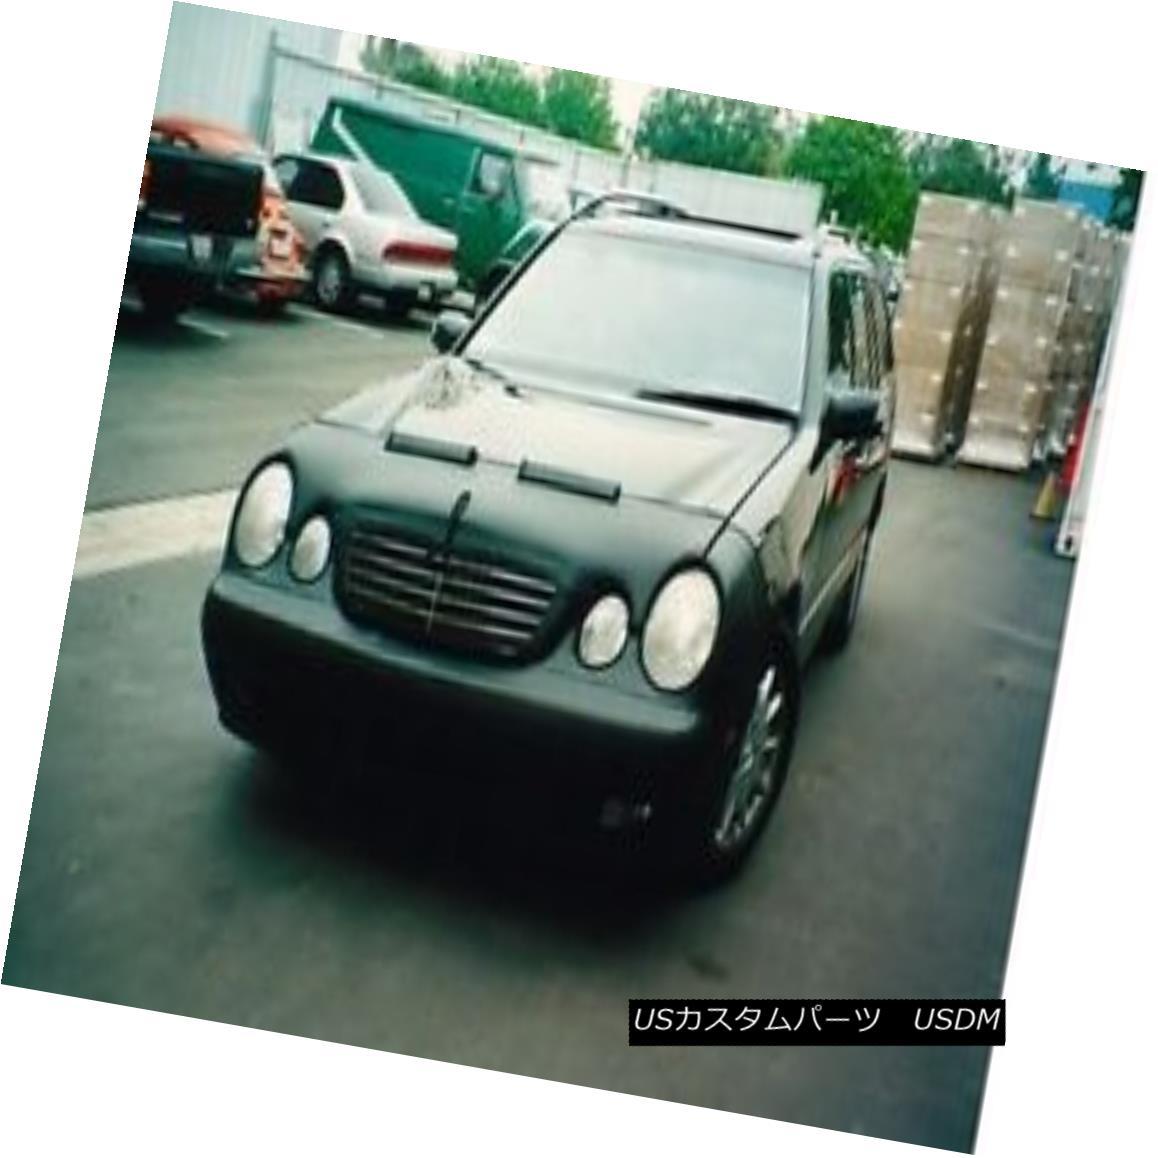 フルブラ ノーズブラ Colgan Front End Mask Bra 2pc. Fits Mercedes Benz E320 2000-2002 W/ Lic.Plate  コルガンフロントエンドマスクブラ2pc メルセデスベンツE320 2000-2002 W / Lic.Plateに適合